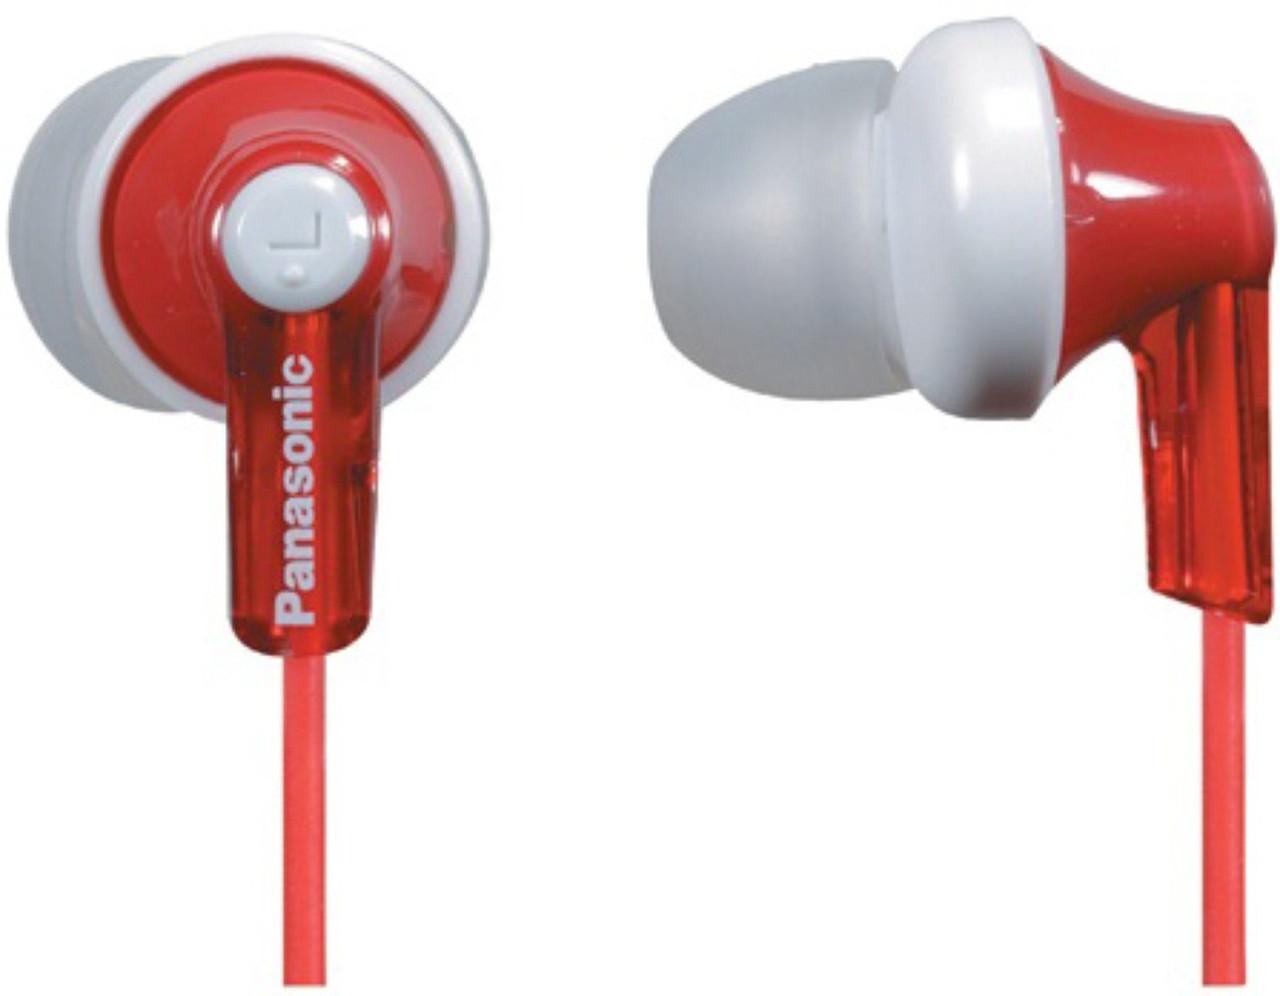 HF Panasonic 118 ор. red Гарантія 1 місяць